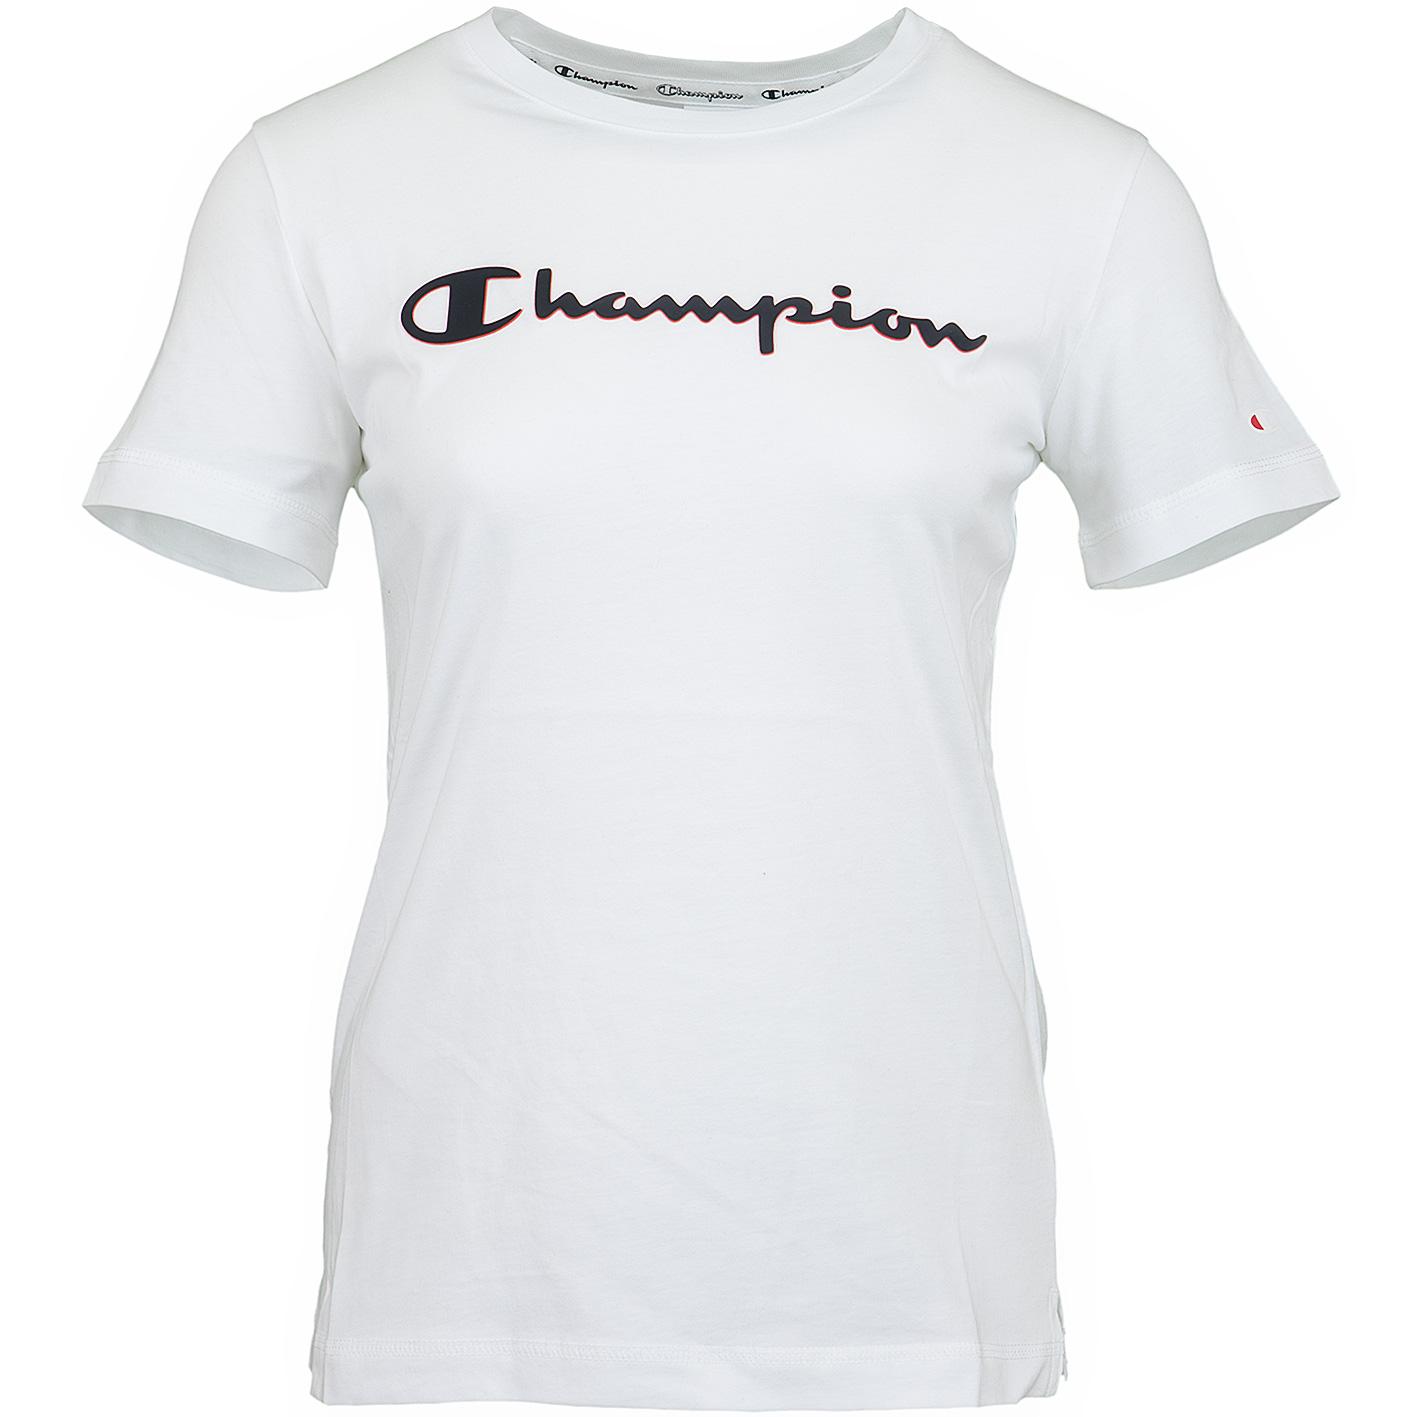 ausgewähltes Material bester Service feine handwerkskunst ☆ Champion Damen T-Shirt Logo weiß - hier bestellen!